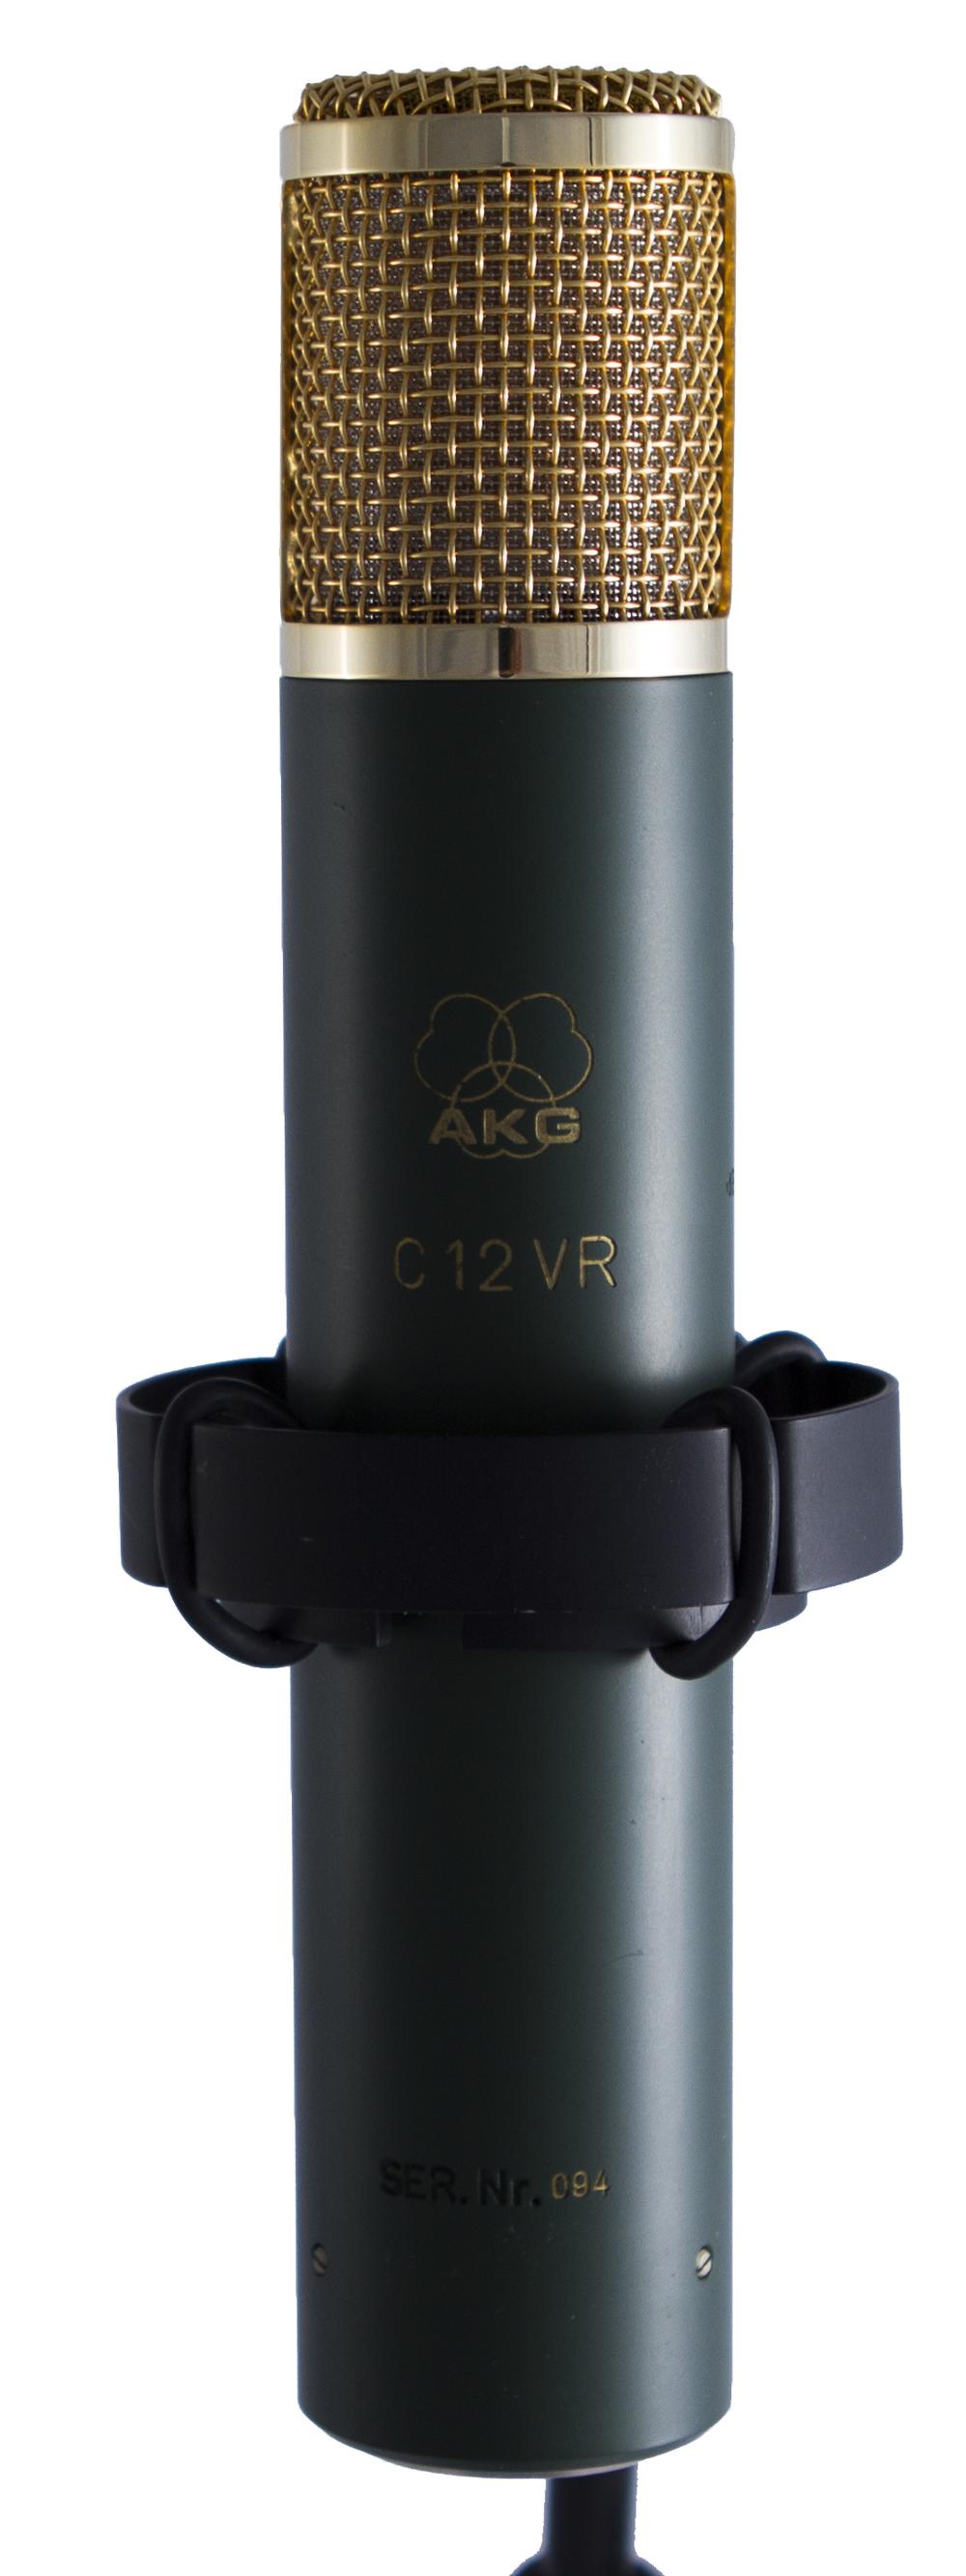 AKG C12 VR - $75 day